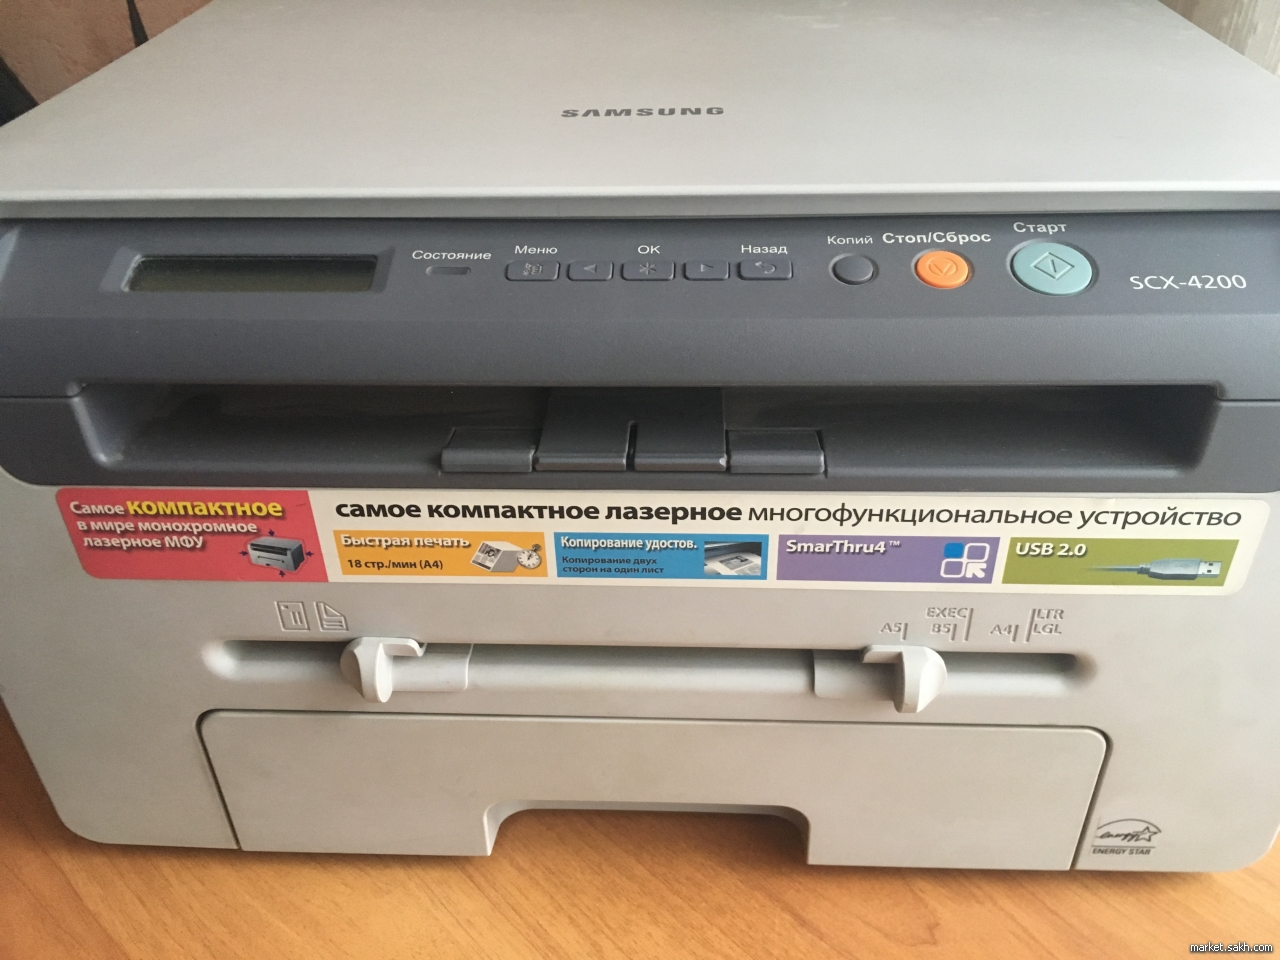 Какой принтер лучше лазерный или струйный? Как выбрать 100